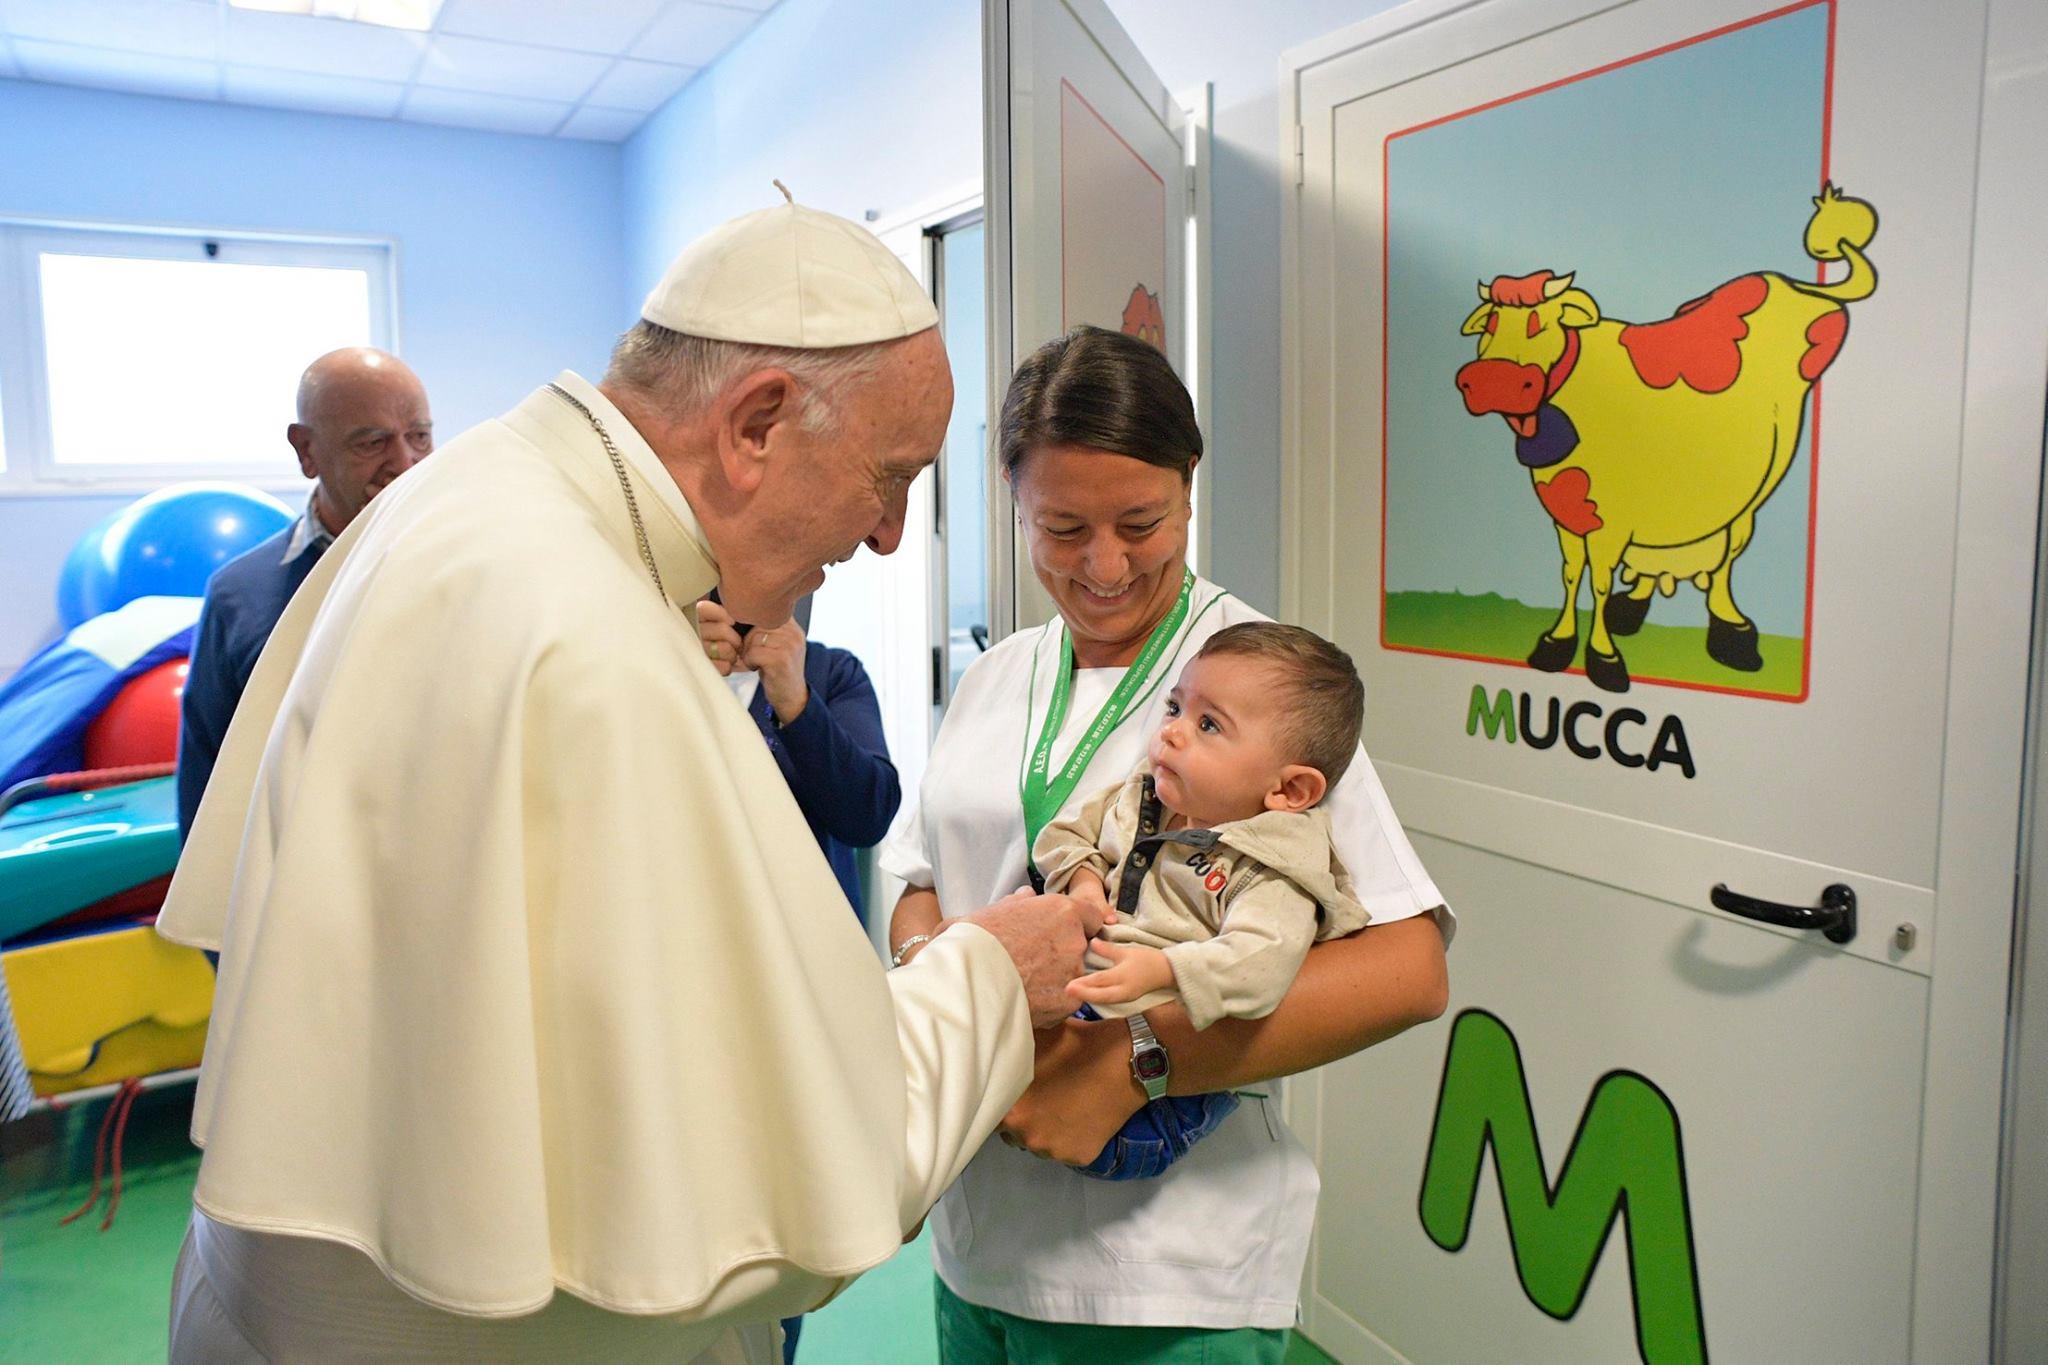 Папа посетил римскую больницу и встретился с маленькими пациентами